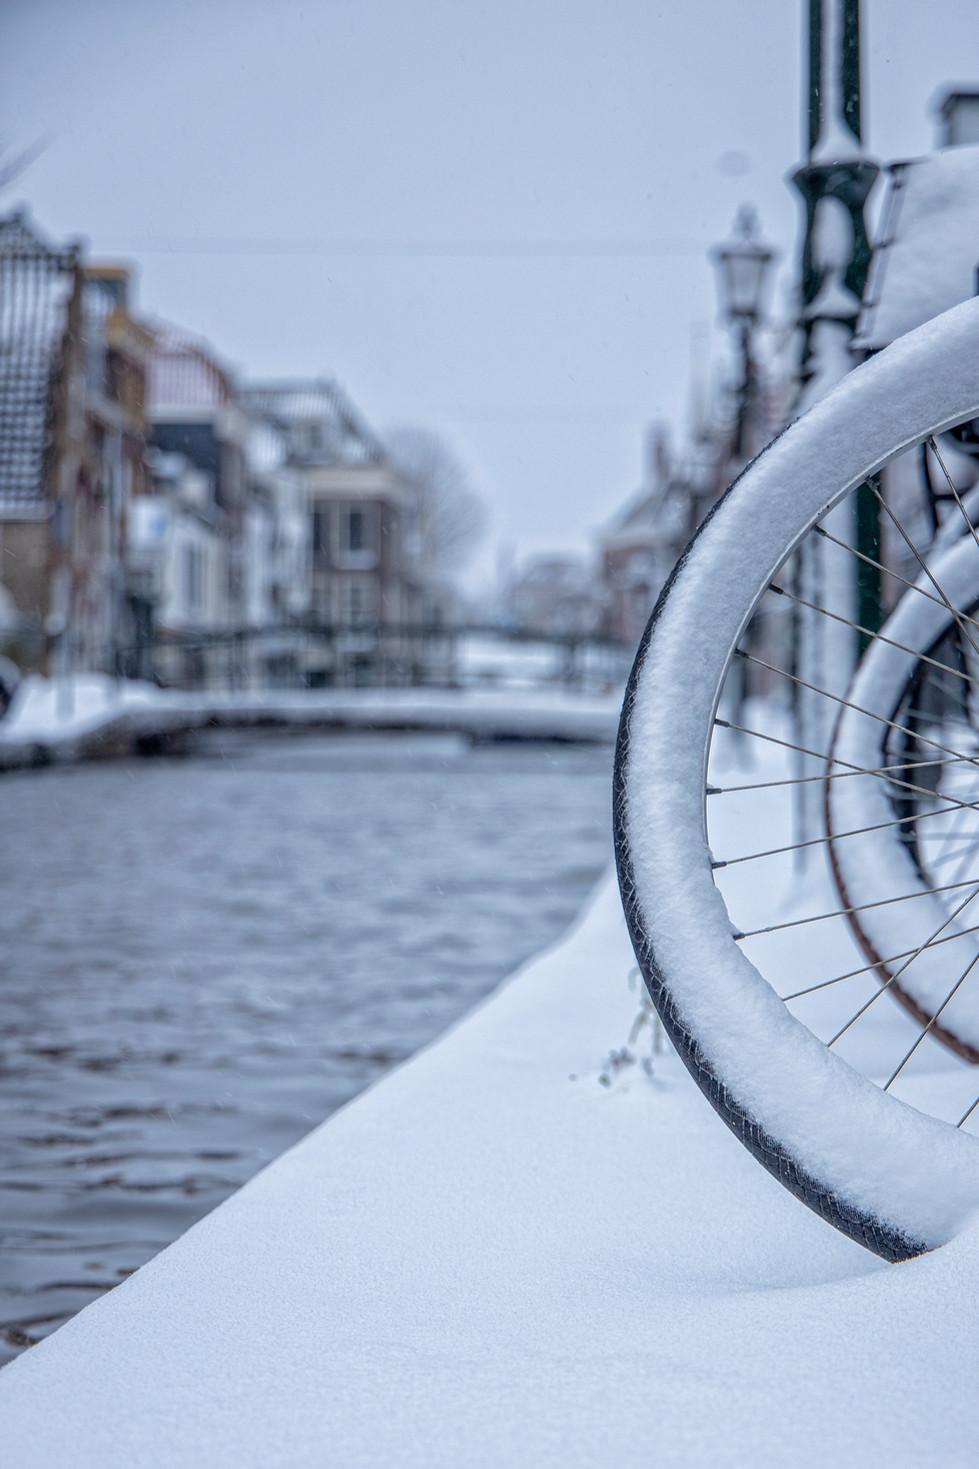 Sneeuw 2021 Stadshart Vliet-208789.jpg